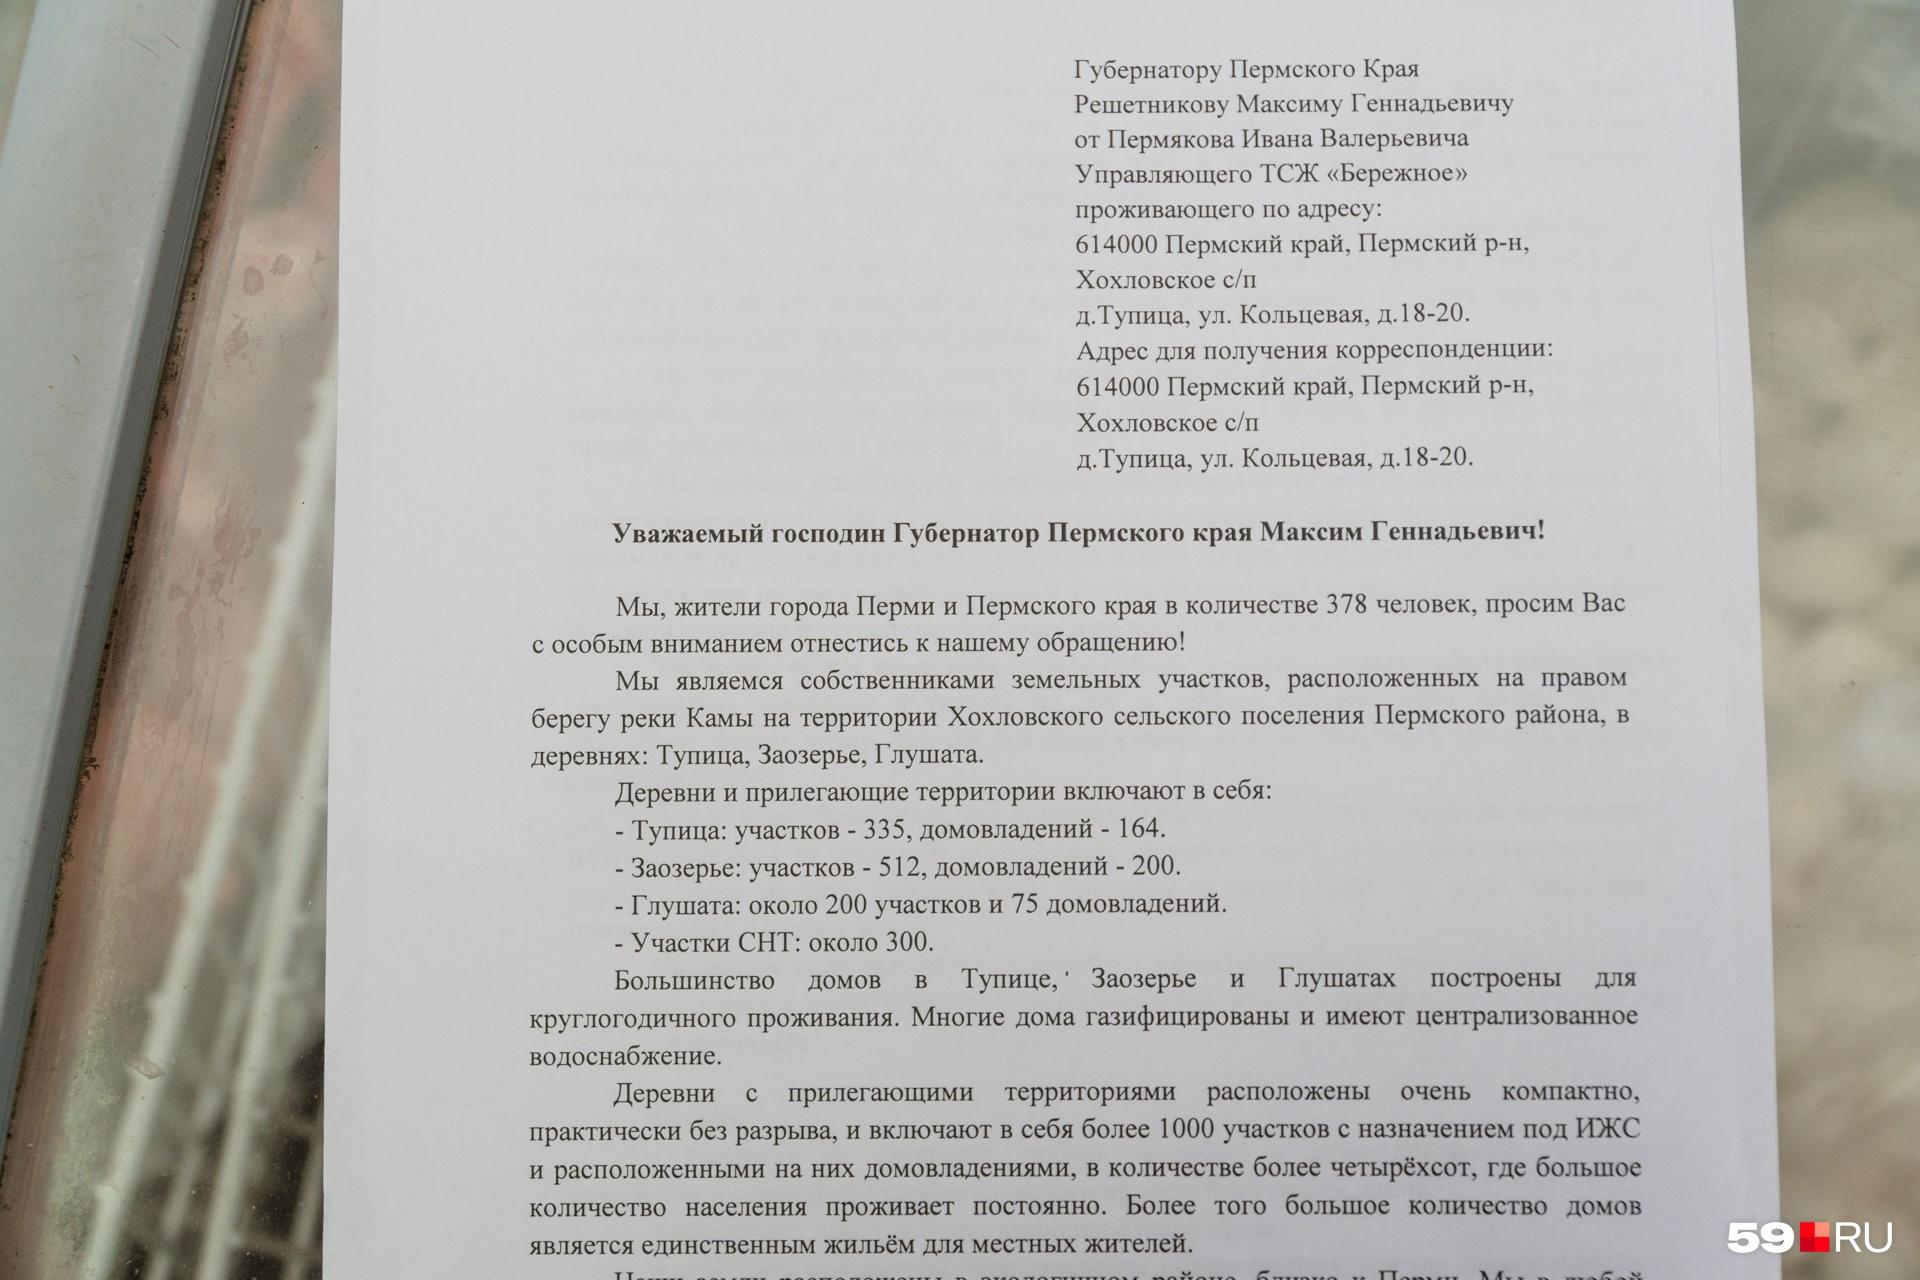 Под обращением жителей к губернатору подписались 378 человек